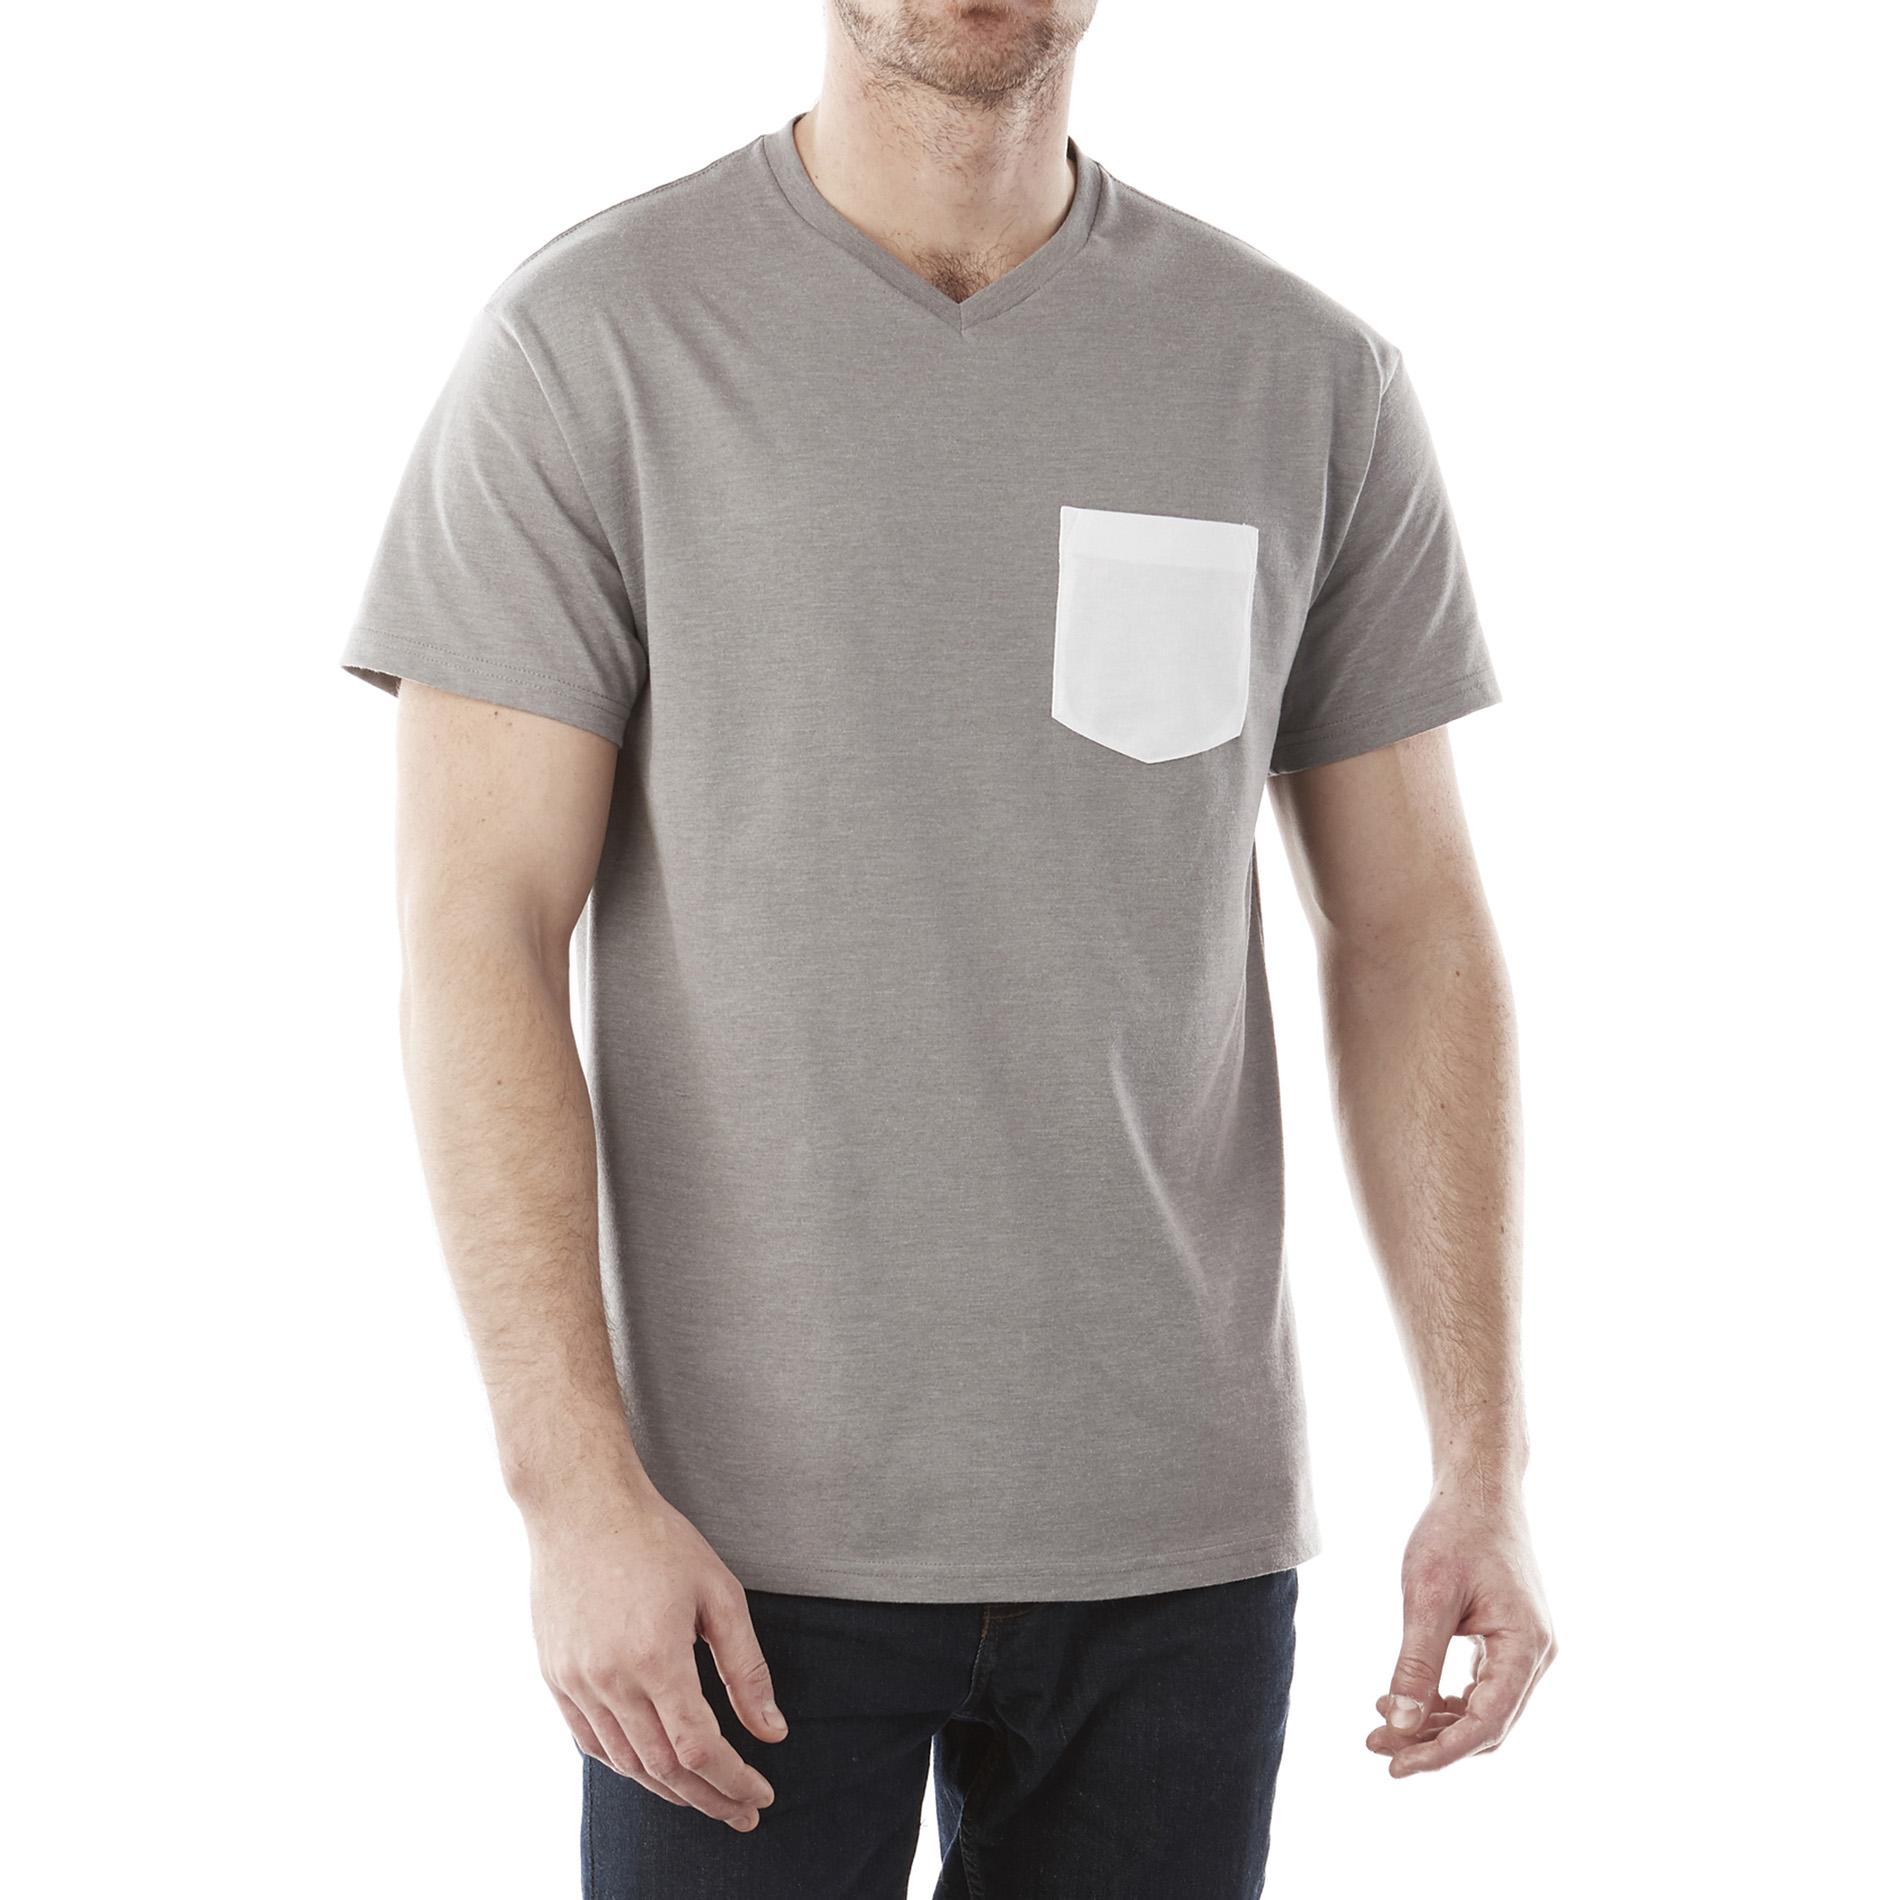 Elevate TM17815 - Men's MONROE Short Sleeve Pocket Tee